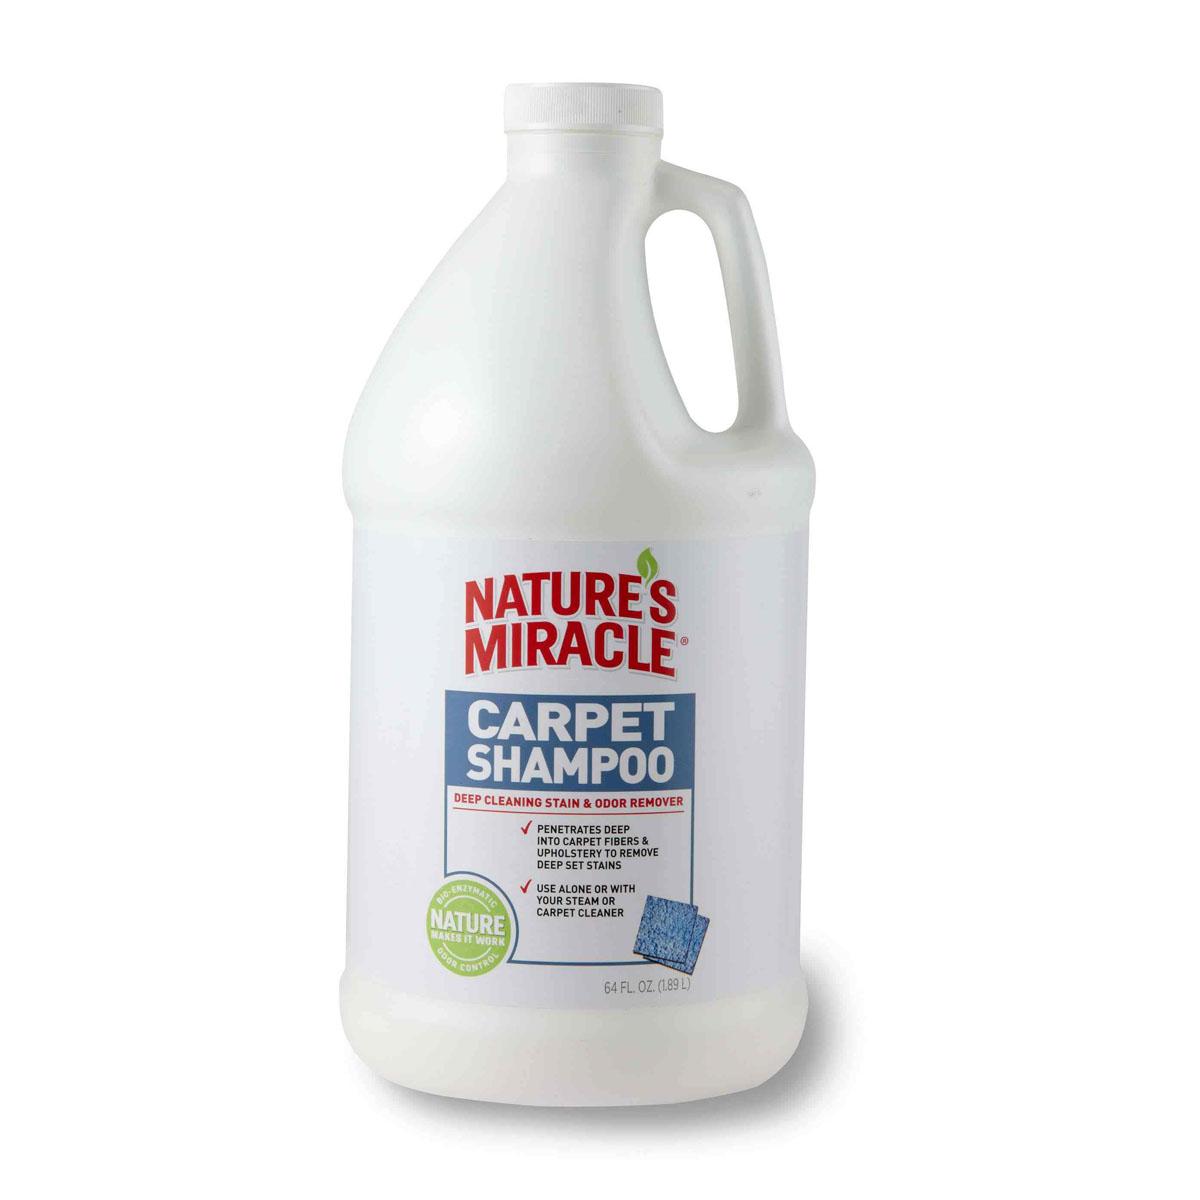 Моющее средство для ковров и мягкой мебели 8 in 1 Natures Miracle, с нейтрализаторами аллергенов, 1,8 л5055545Моющее средство для ковров и мягкой мебели 8 in 1 Natures Miracle - оптимальное решение для тех, кто хочет эффективно удалить с ковра пятна и запахи, оставленные животными. Средство можно использовать самостоятельно или вместе с пылесосом, оно глубоко проникает в ворс ковра, вытаскивая на поверхность новые и застарелые пятна, запахи и аллергены. Наша бесфосфатная формула с низким уровнем пенообразования удаляет все загрязнения и освежает ковры. Моющее средство для ковров может использоваться для удаления с ковров пятен и запахов, оставленных собаками, кошками и другими животными. Внимание! Перед применением необходимо протестировать поверхность на цветоустойчивость. Способ применения: тщательно пропылесосить поверхность. Хорошо встряхните бутылку. Используйте моющее средство для ковров и мягкой мебели в соответствии с инструкциями на пылесосе или пароочистителе. Не рекомендуется использовать моющее средство для очистки вельветовой, шелковой, ...